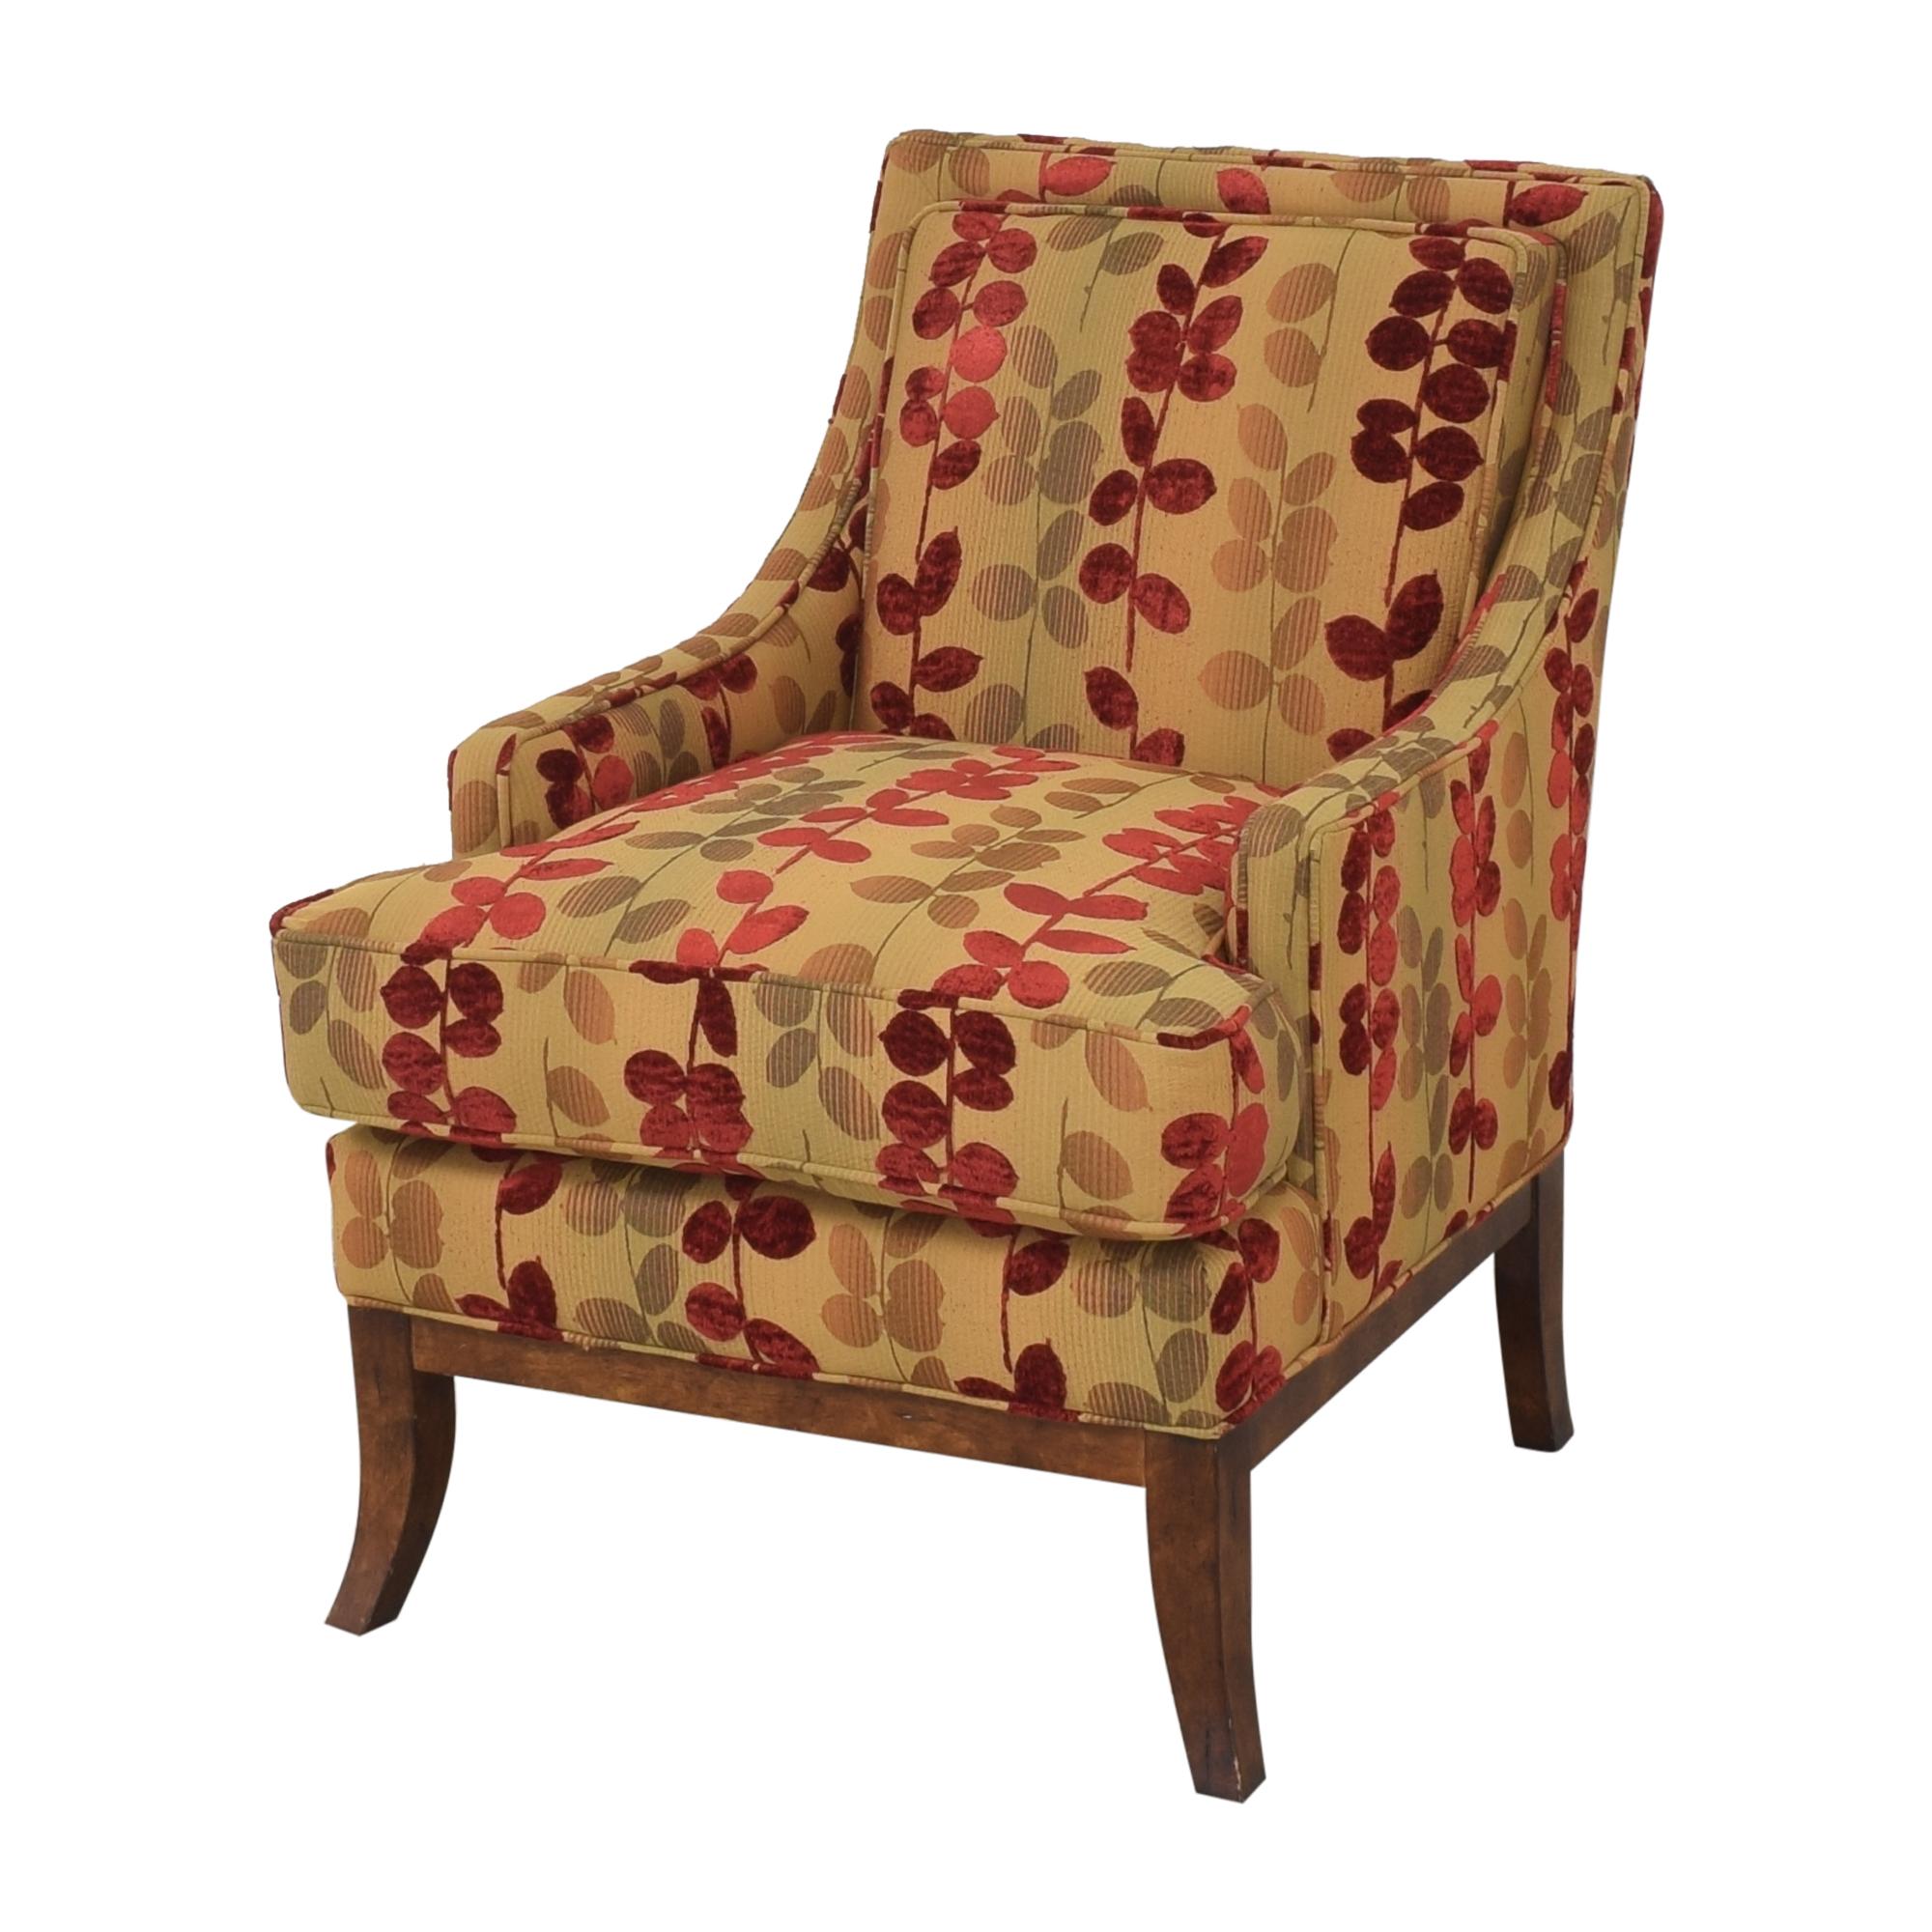 Highland House Furniture Highland House Furniture Corey Chair